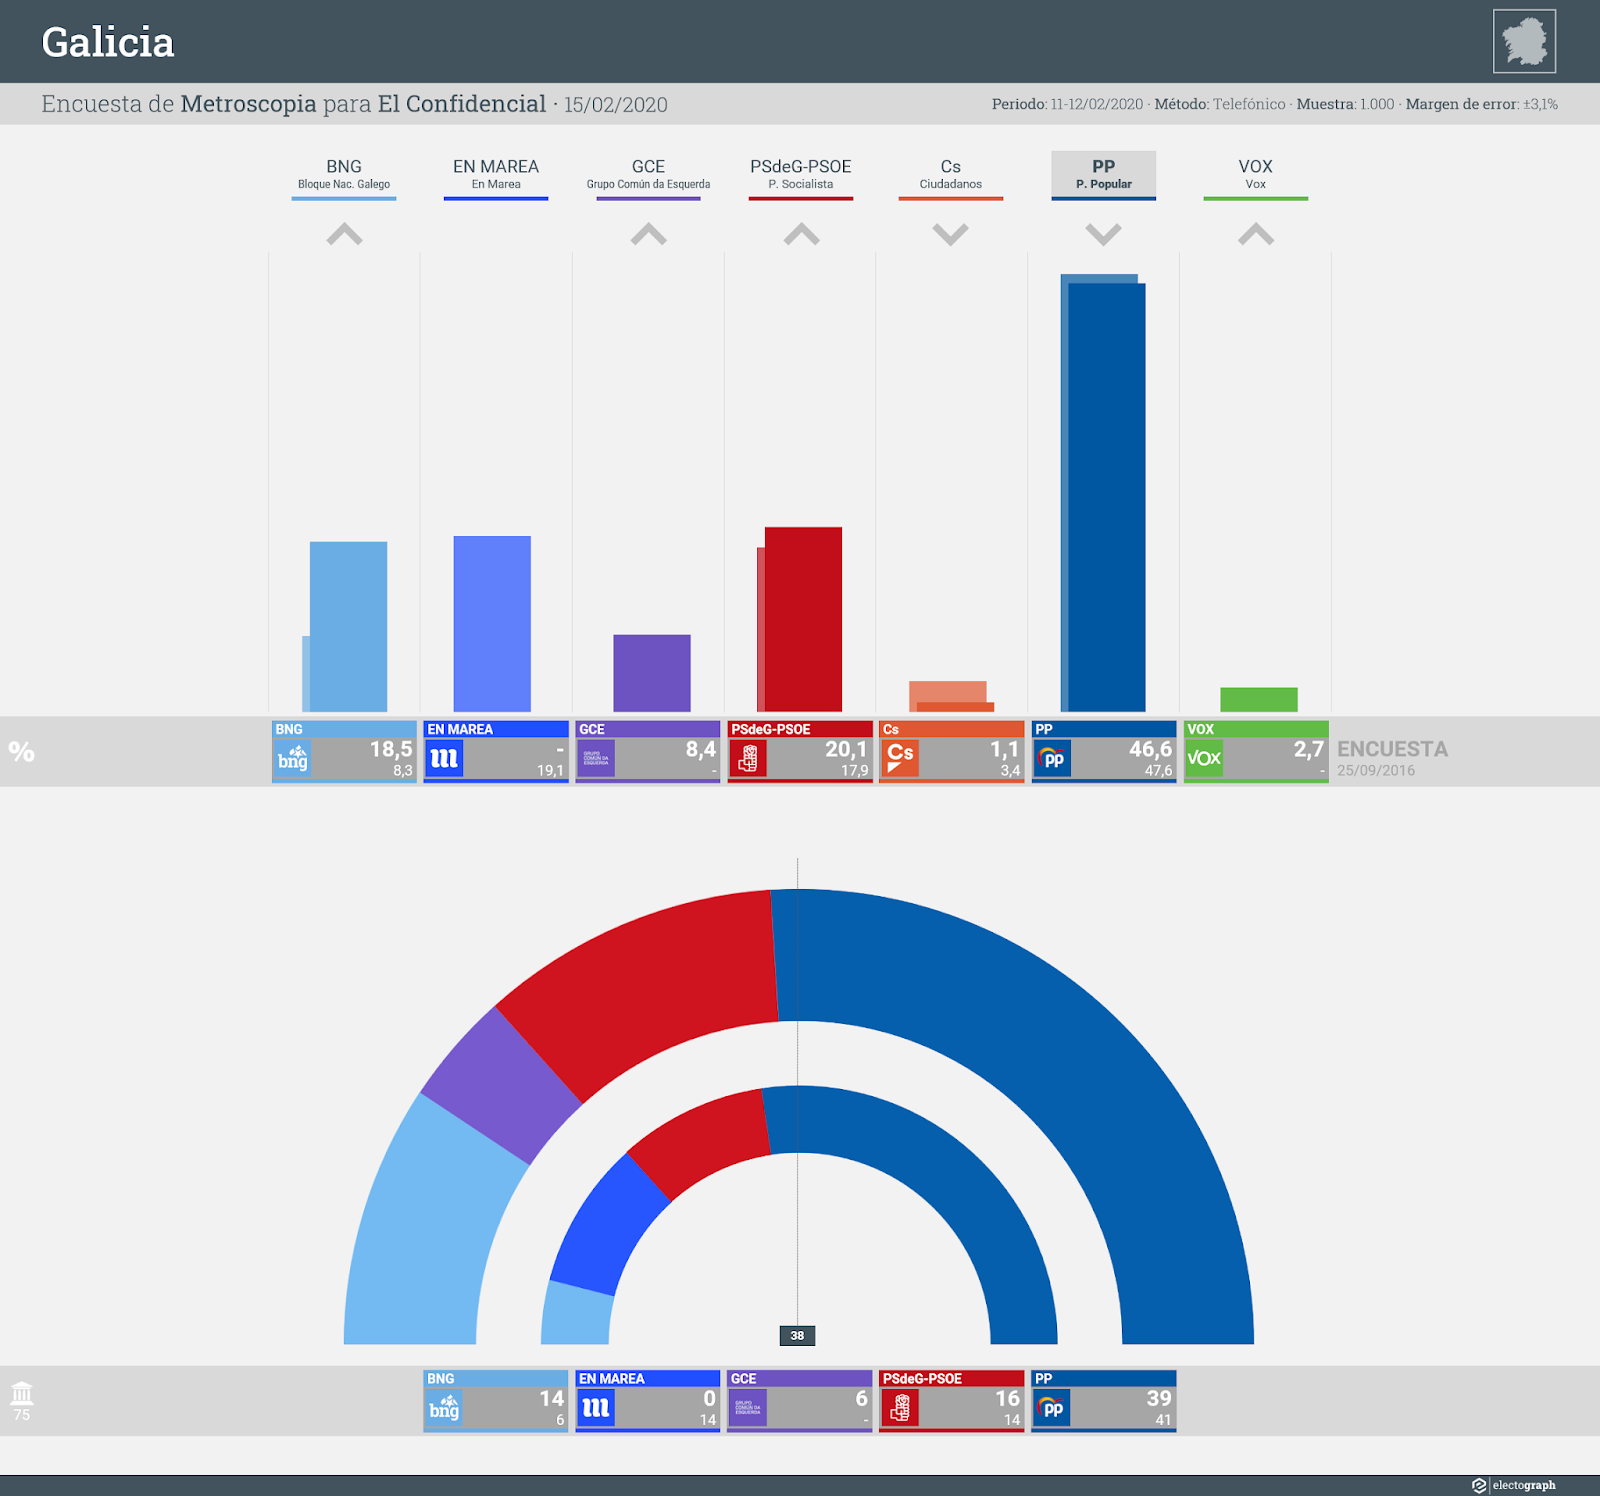 Gráfico de la encuesta para elecciones autonómicas en Galicia realizada por Metroscopia para El Confidencial, 15 de febrero de 2020